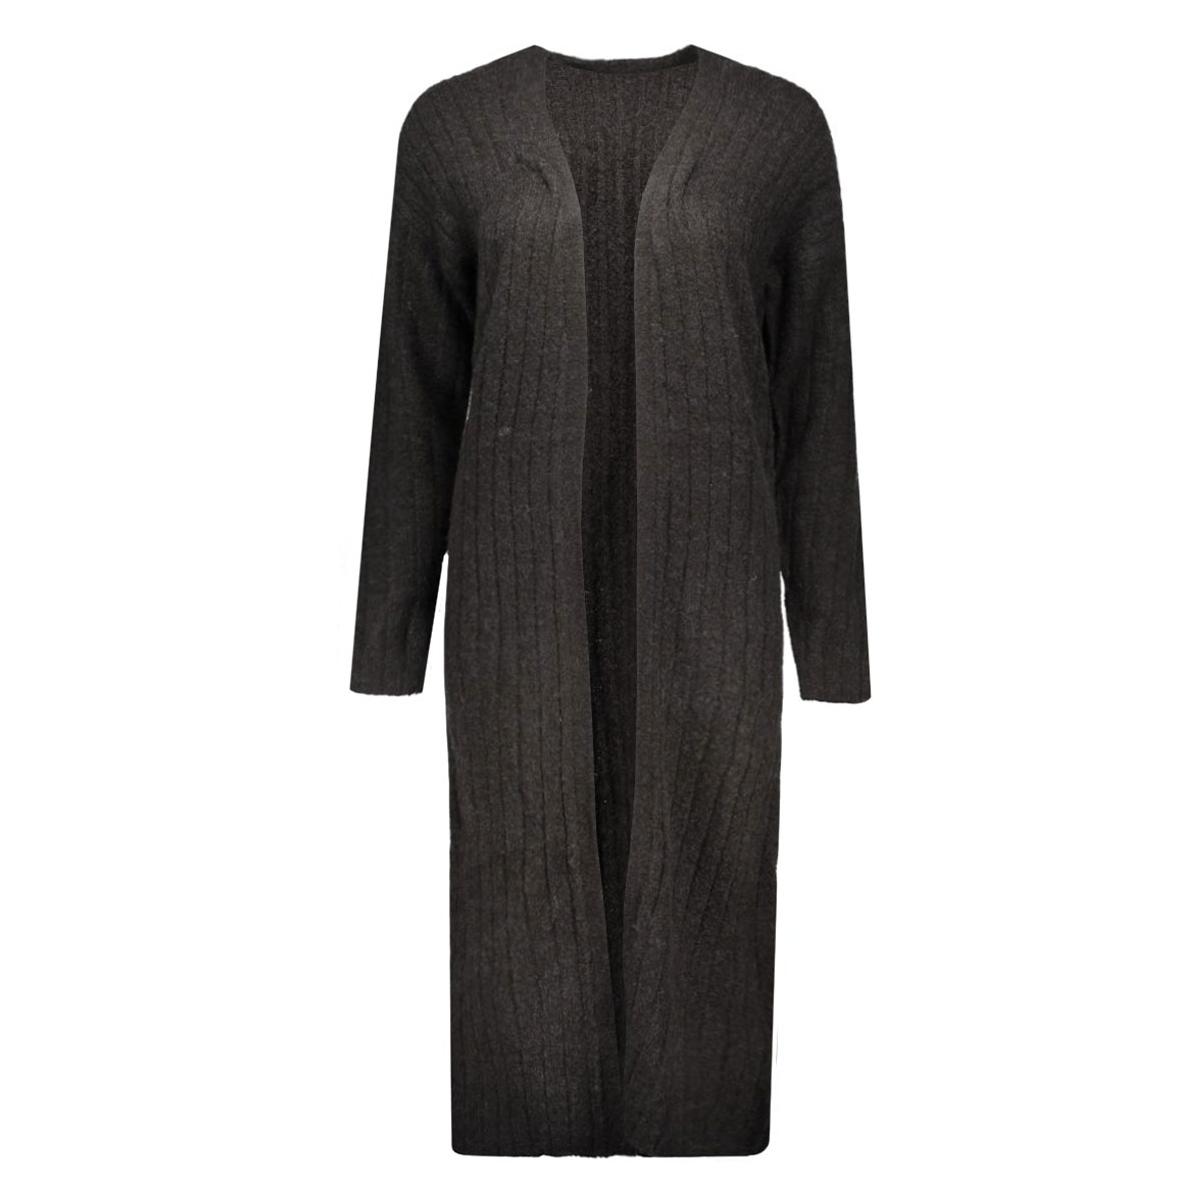 jdyraven l/s cardigan knt 15117353 jacqueline de yong vest black